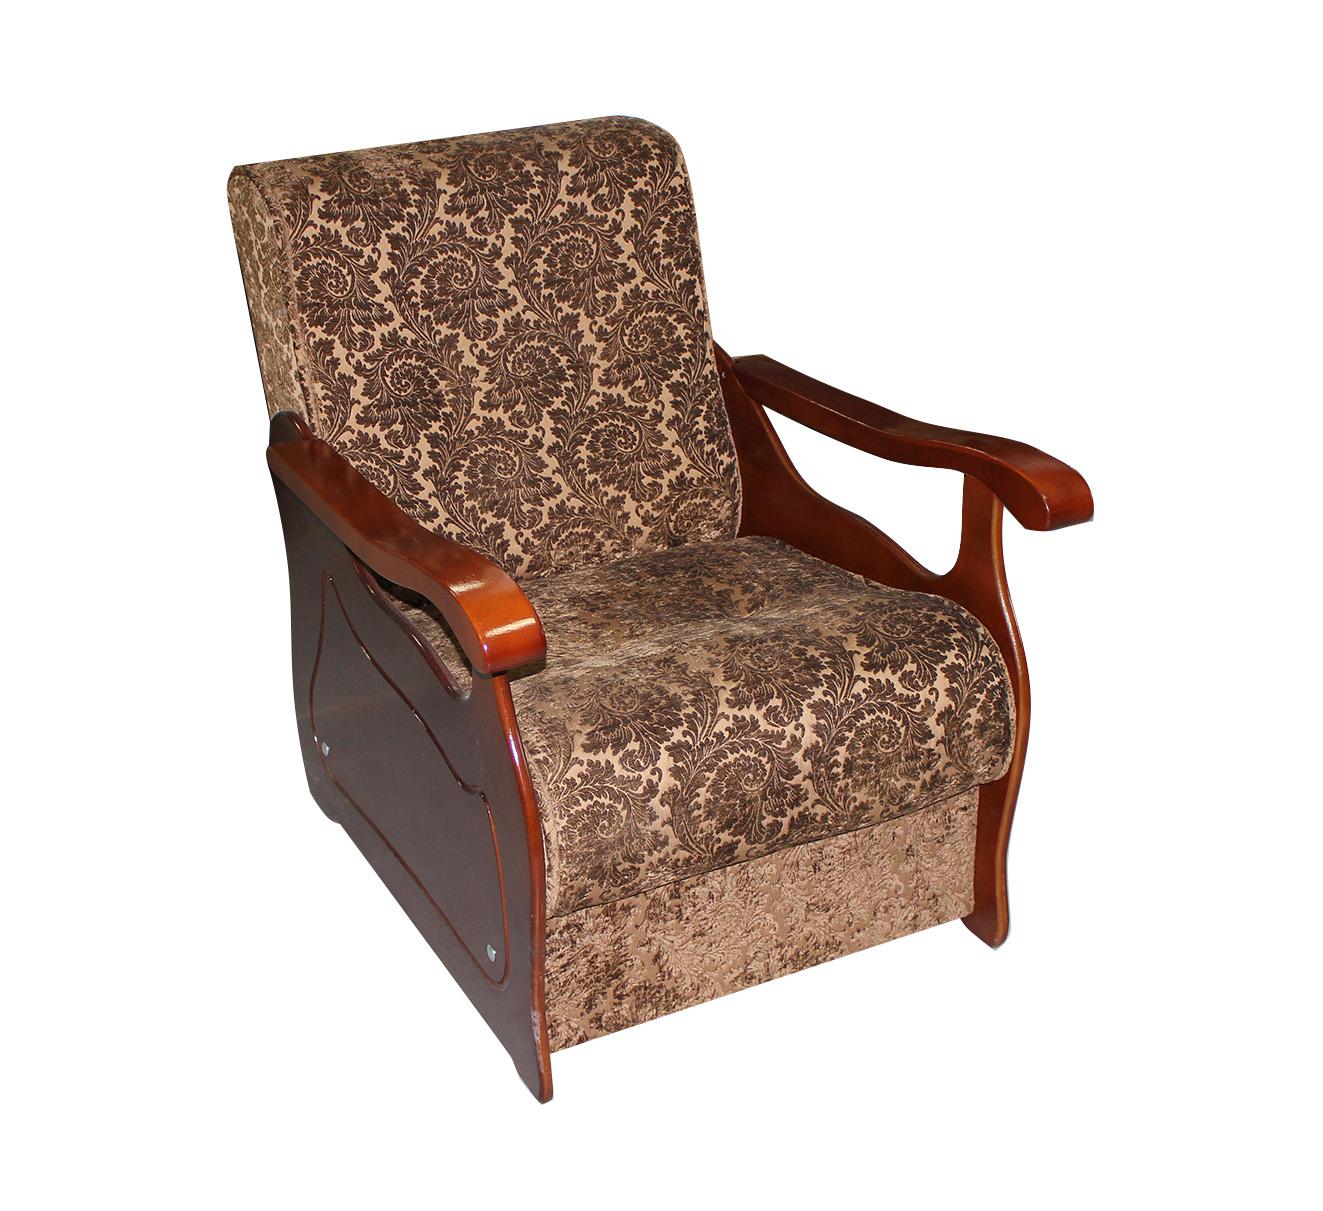 Кресло для отдыха Сайгон - акция — Кресло Сайгон